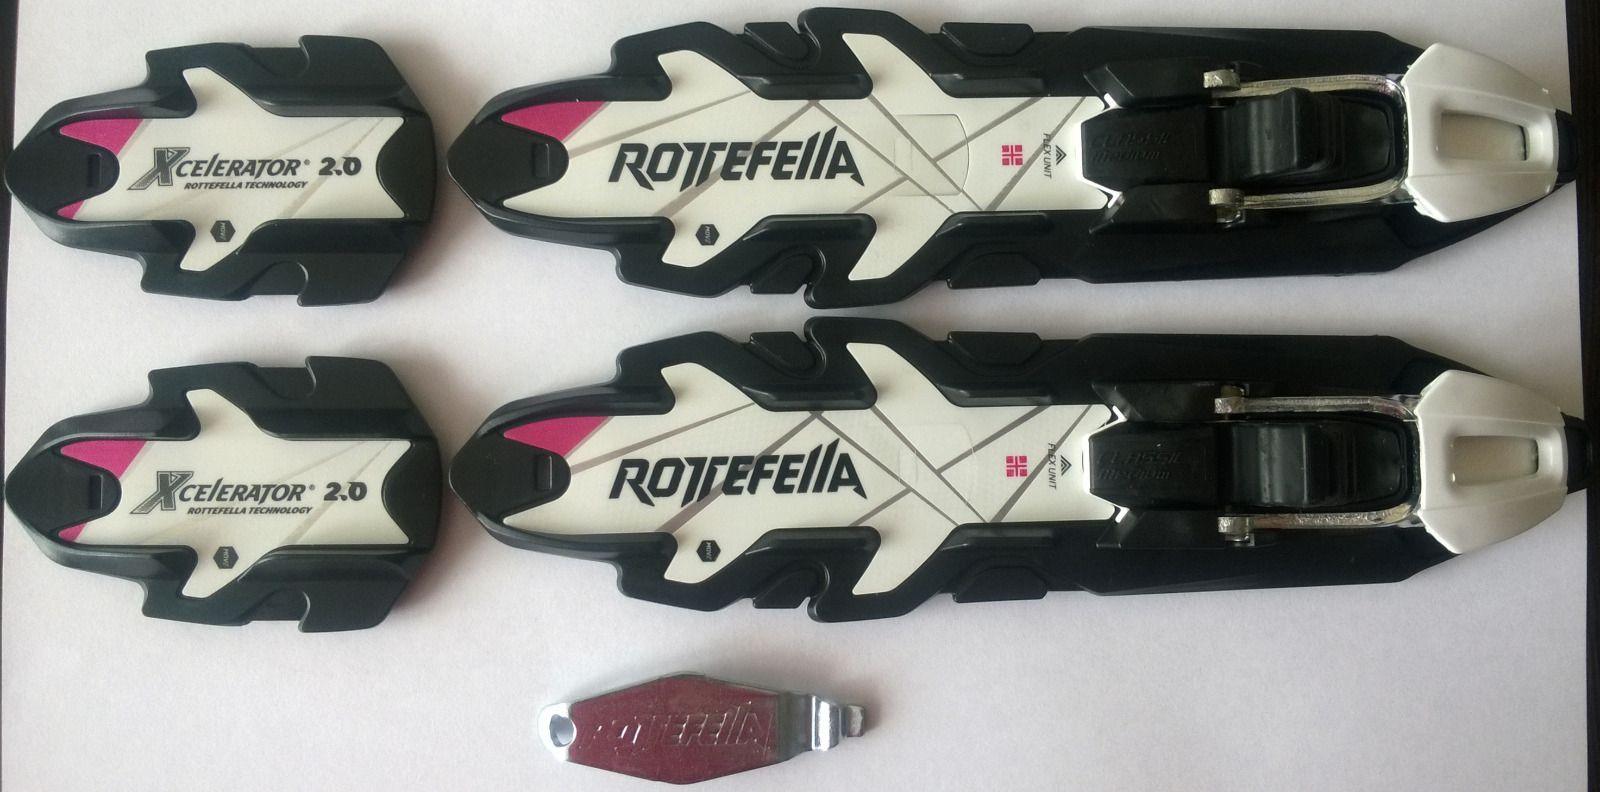 Крепления Rottefella Xcelerator 2.0 Classic гоночные (классика)